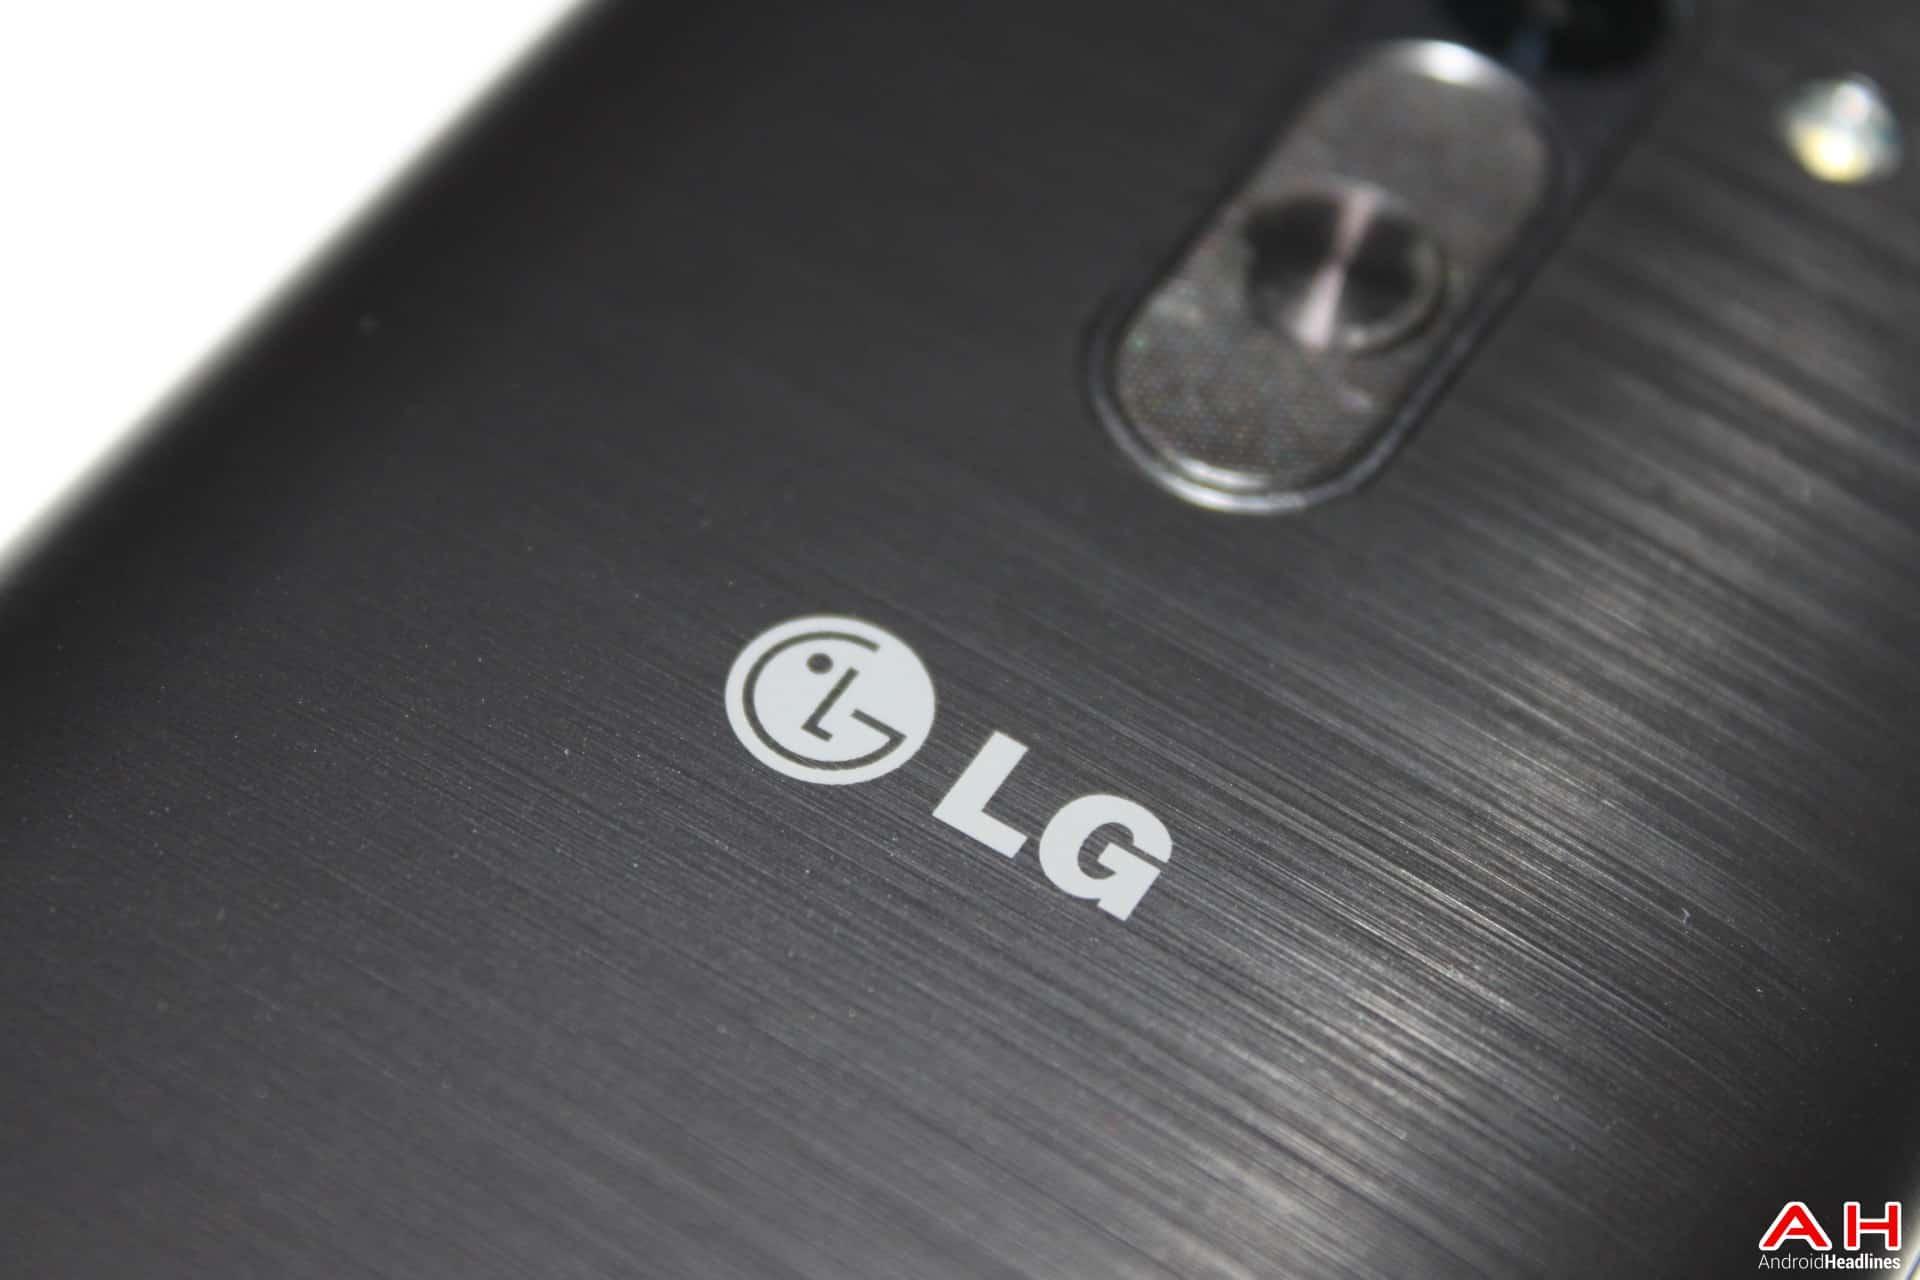 AH LG LOGO Vista 7